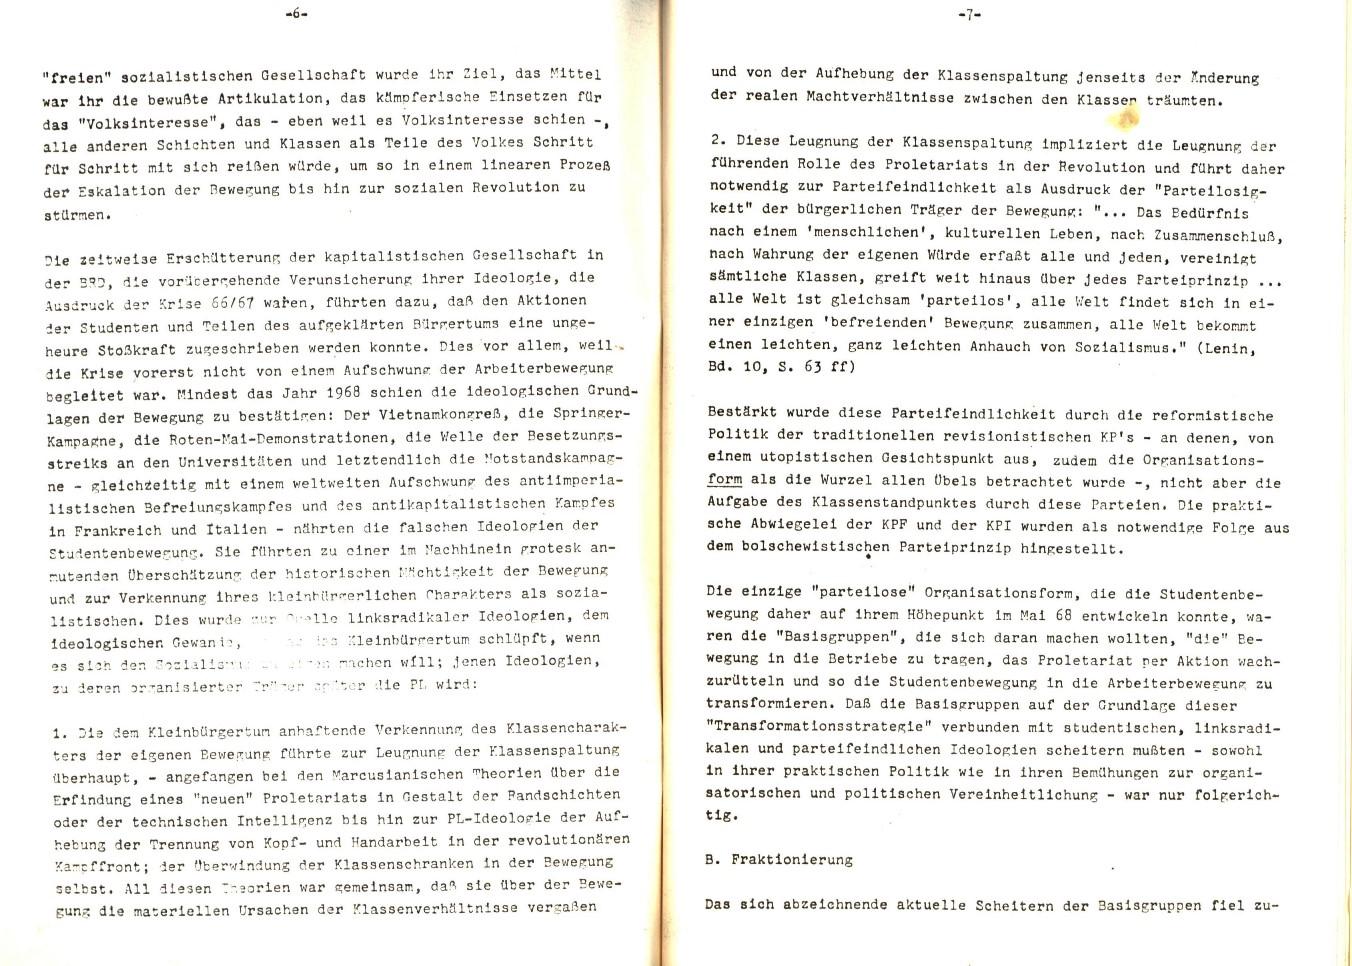 PLPI_1971_Aufloesung_06